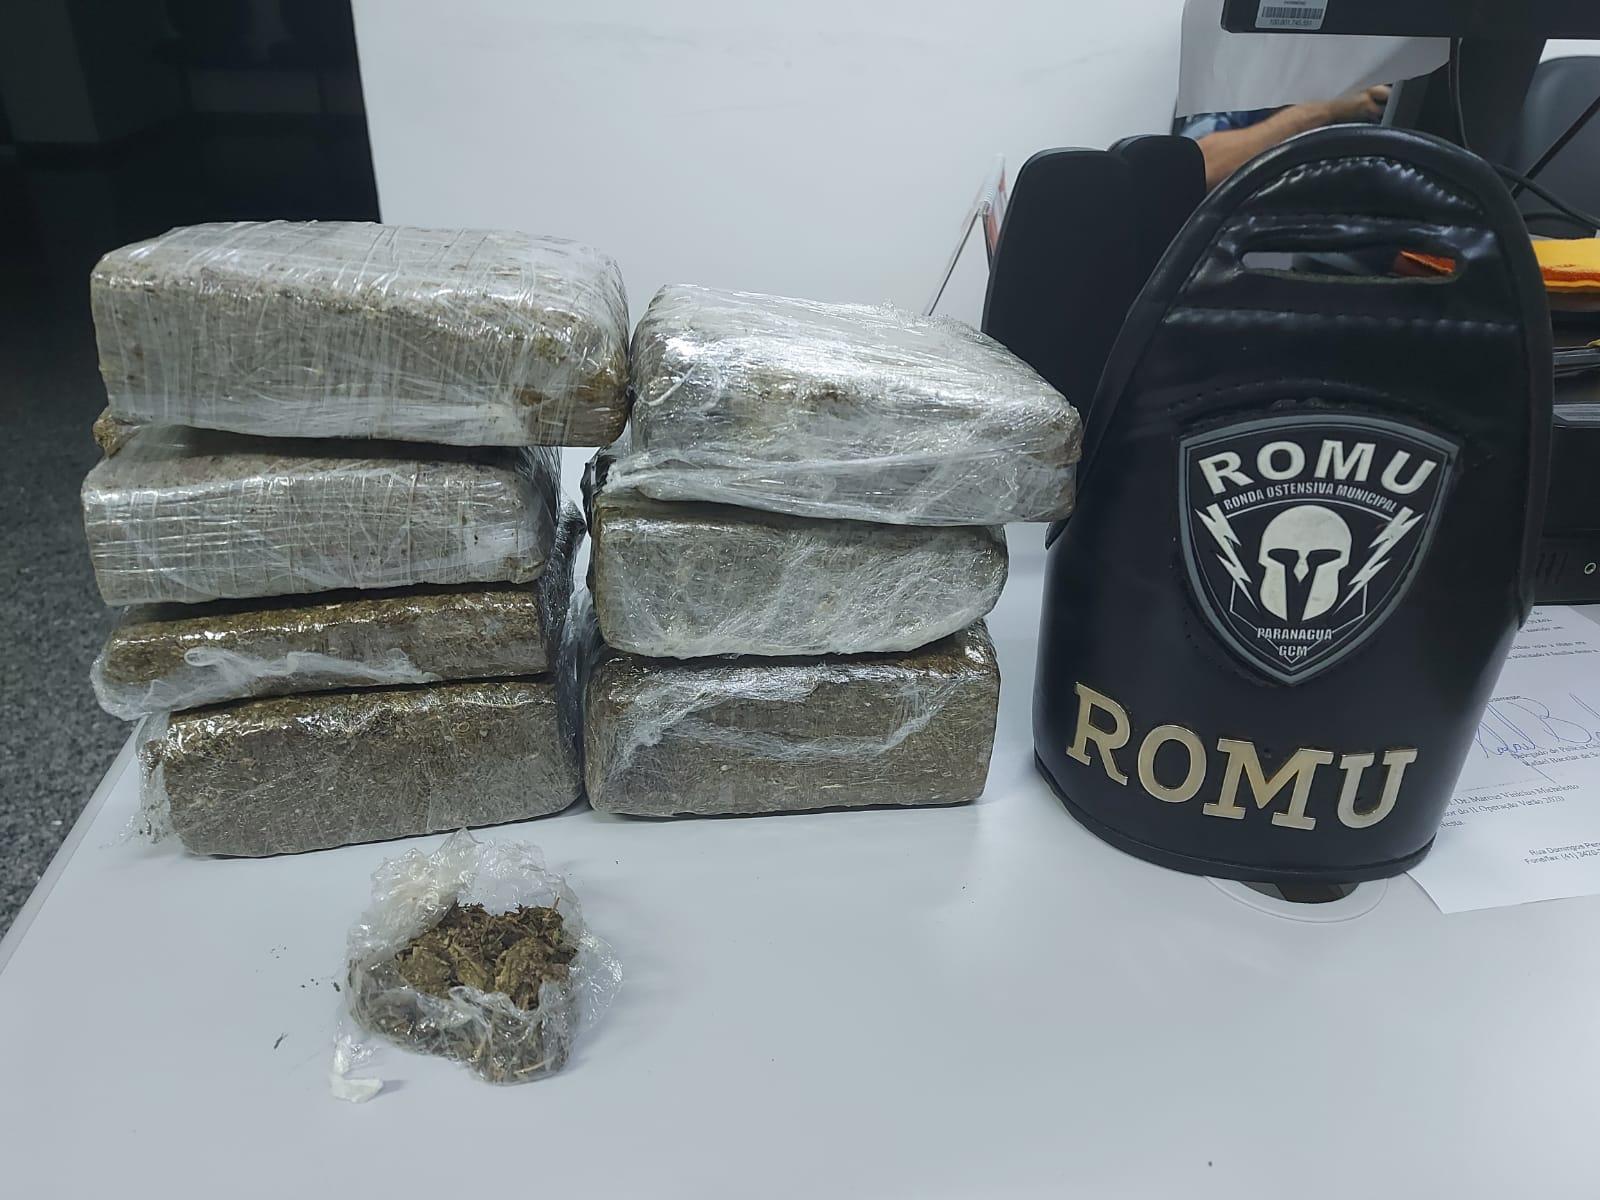 ROMU encontra quase 3 quilos de maconha no Jardim Jacarandá